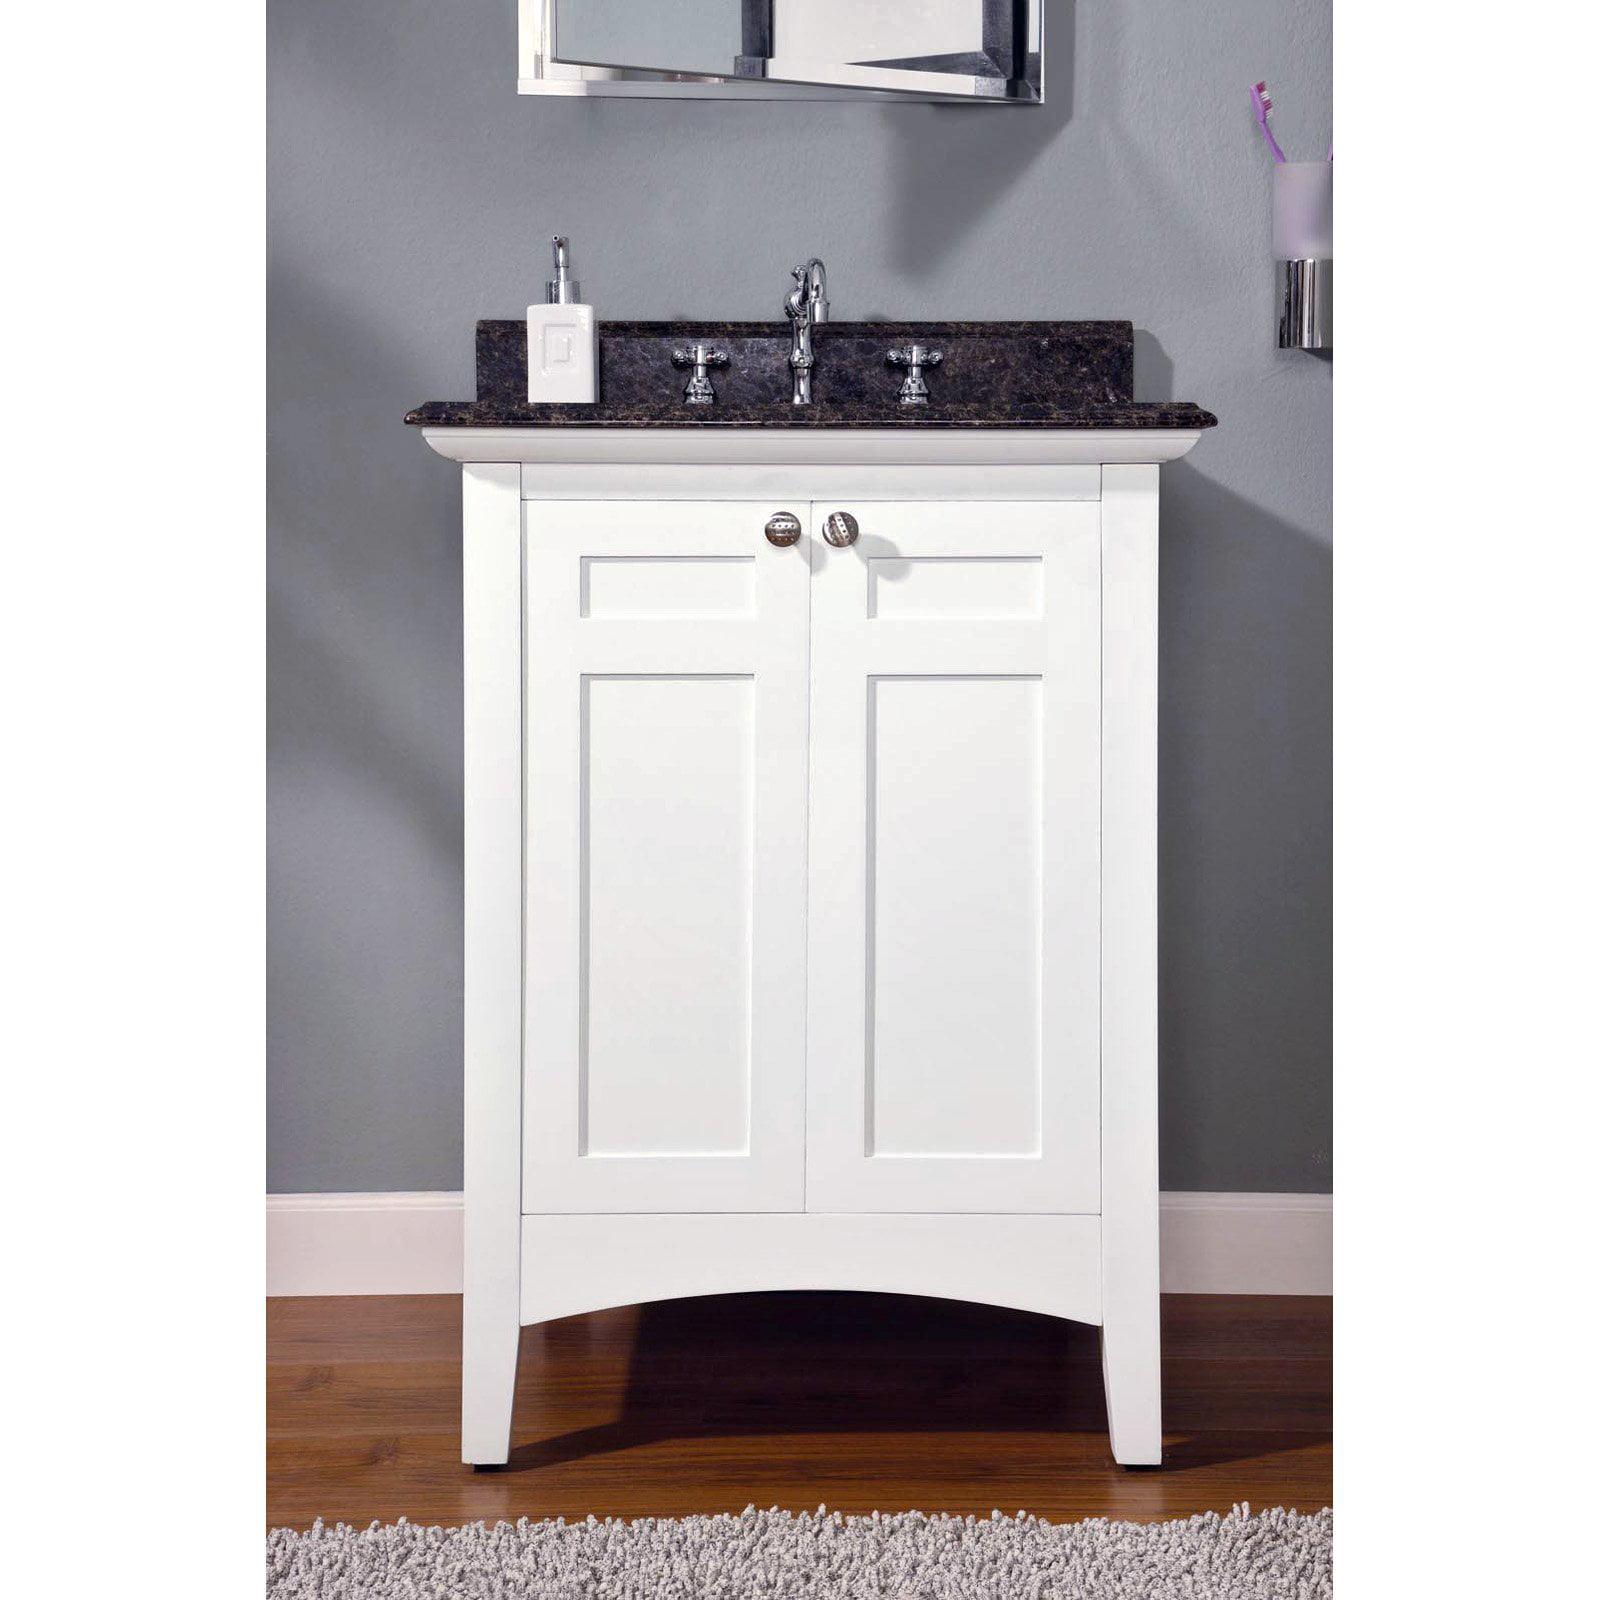 Empire Industries Biltmore Single Bathroom Vanity